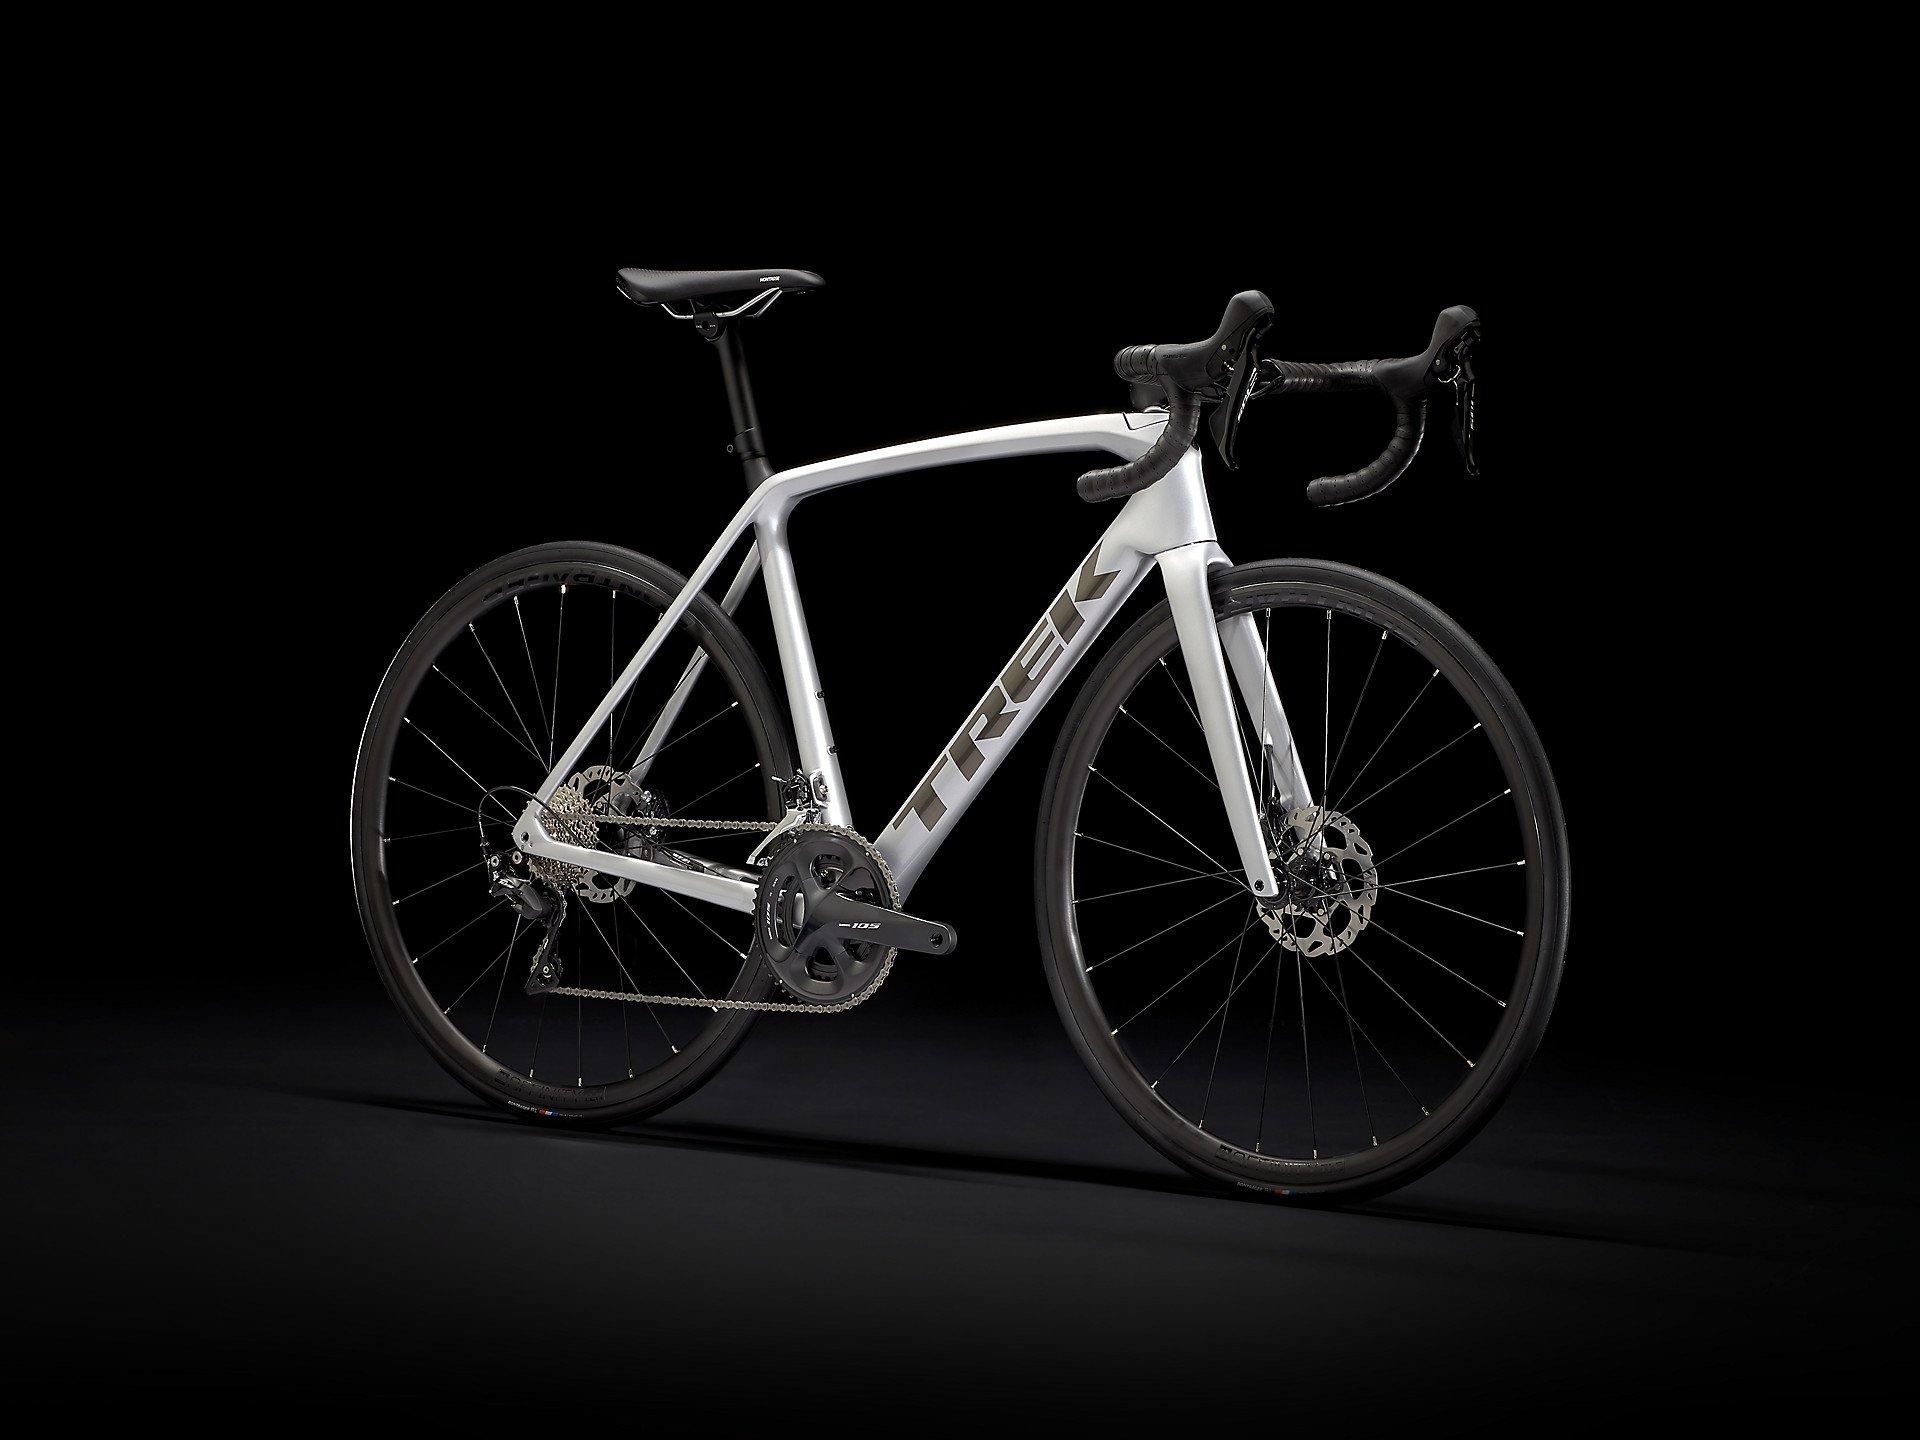 Trek Emonda Sl 5 Disc Road Bike 2021 Roe Valley Cycles